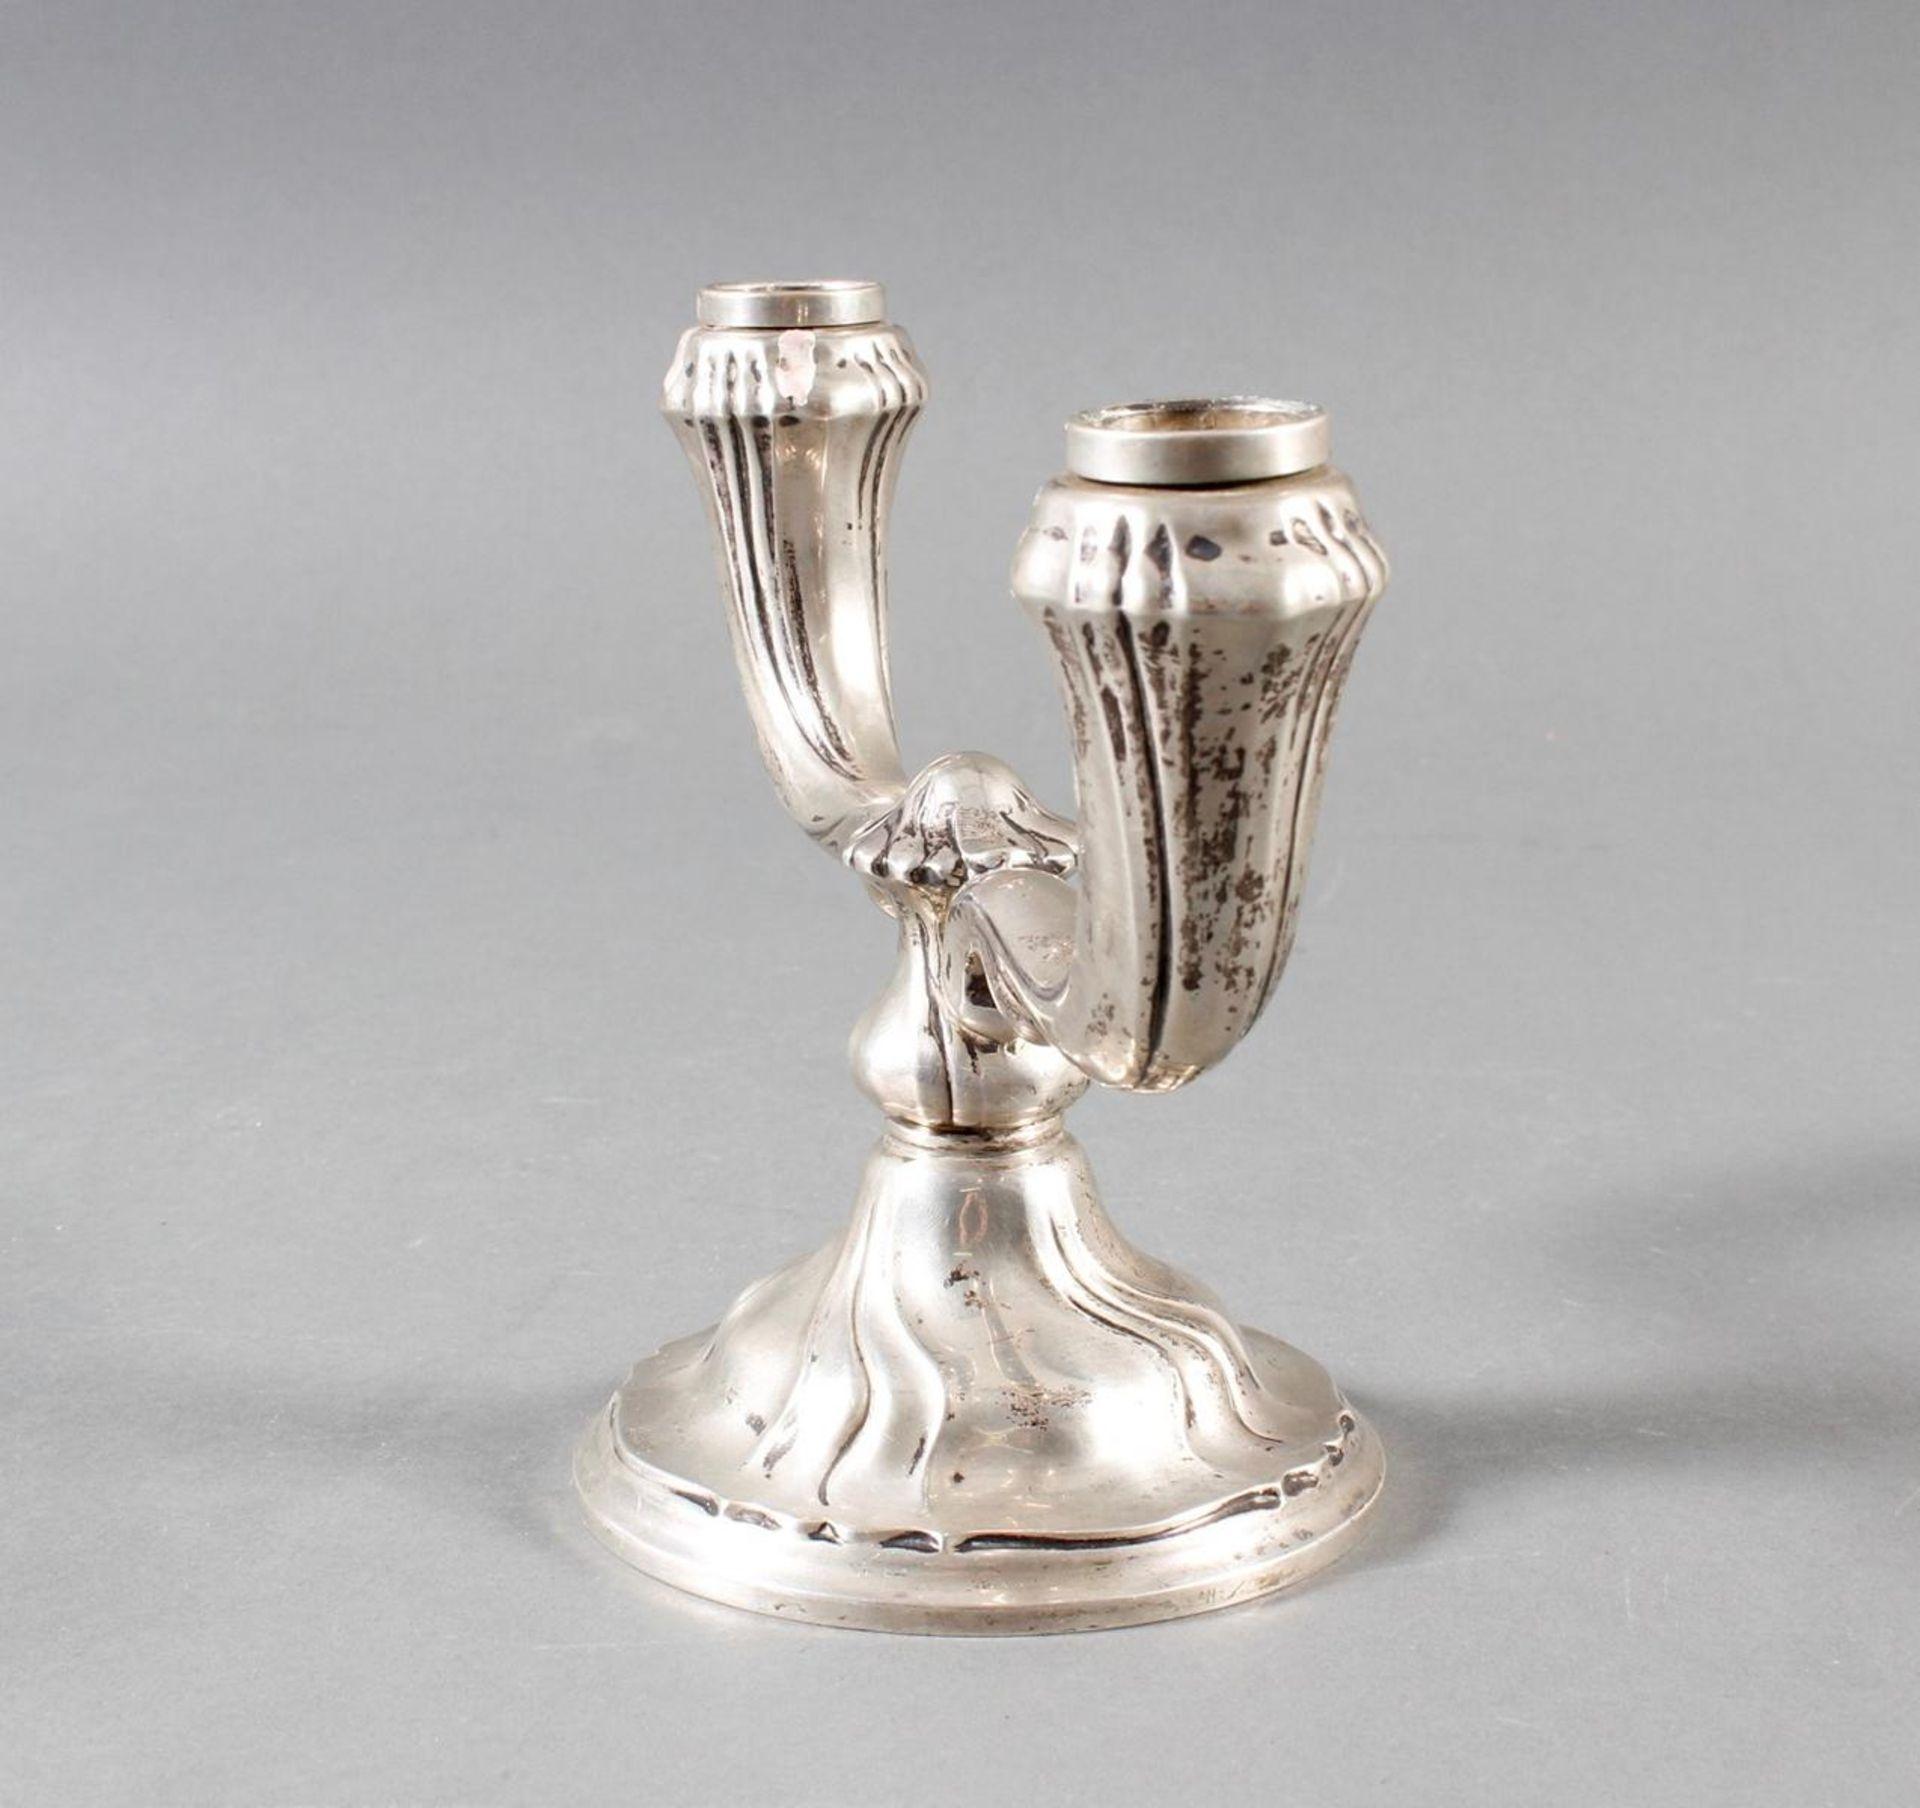 Zweiflammiger Silberleuchter, Deutsch um 1900/1920 - Bild 4 aus 8